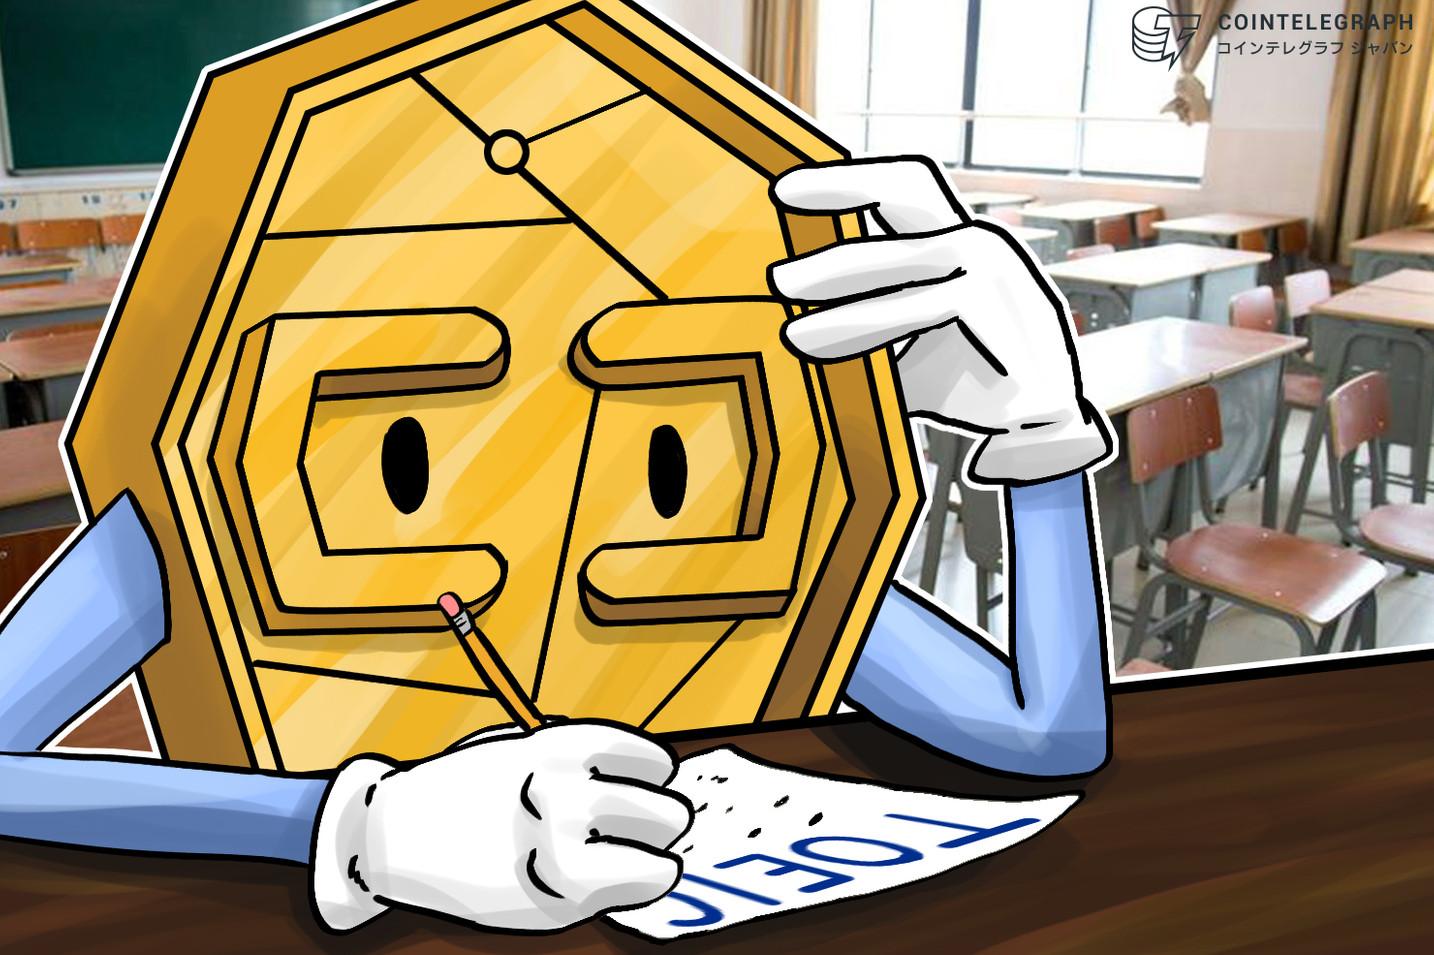 TOEIC勉強して仮想通貨ゲット 韓国のAI教育スタートアップがサービス開始